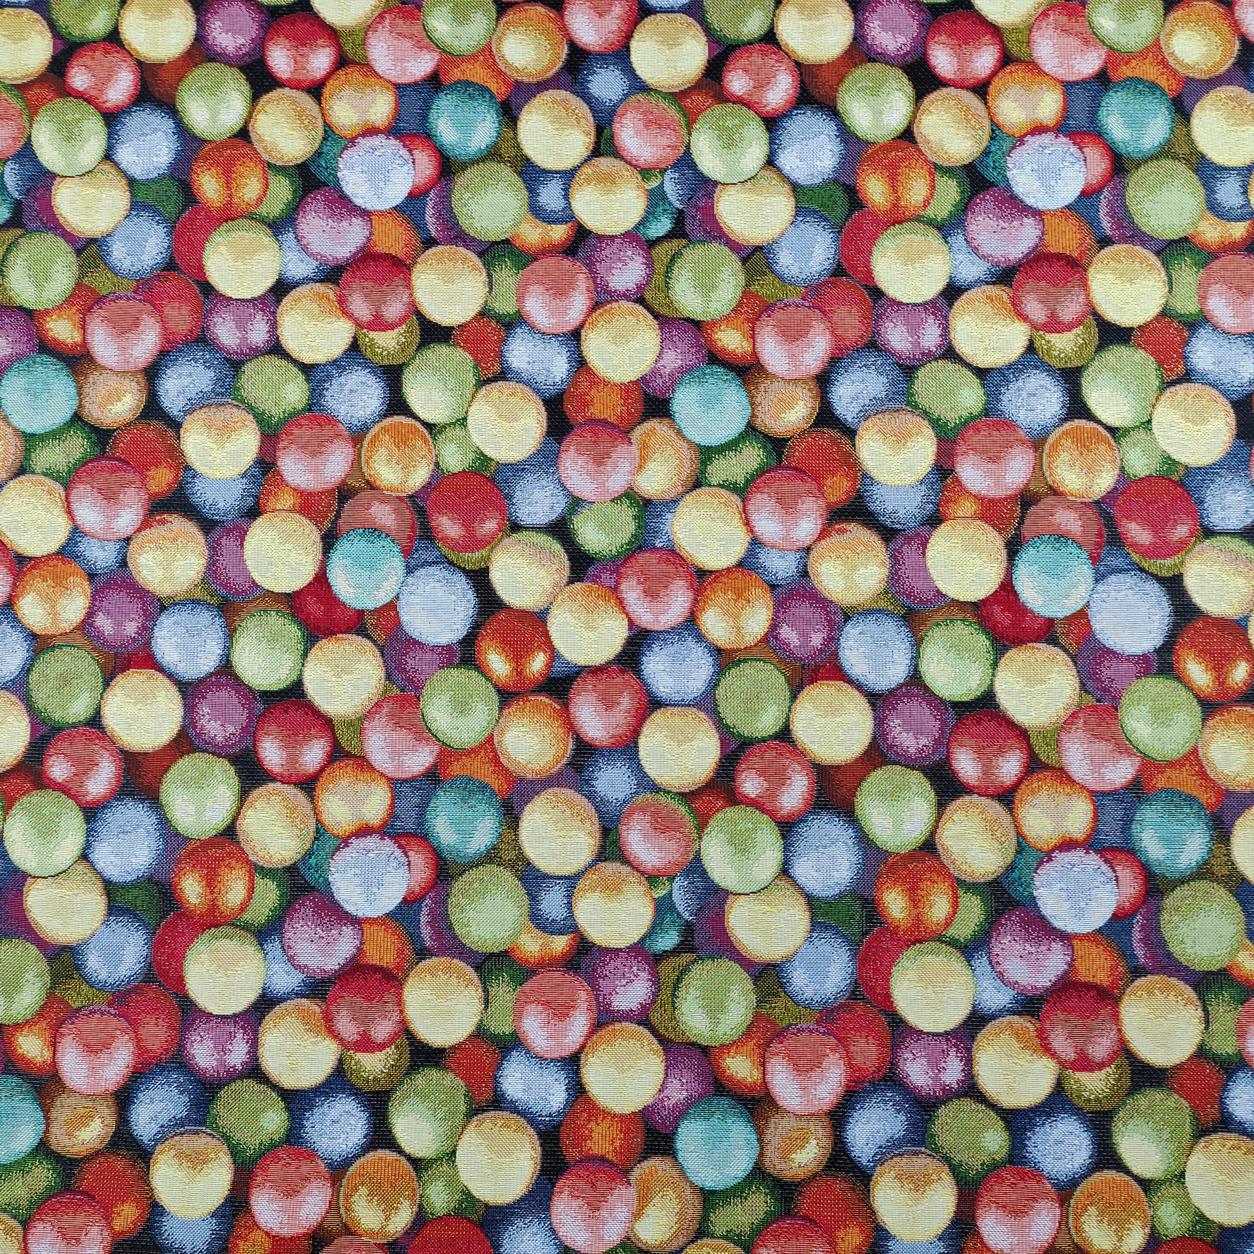 Tessuto Jacquard Fantasia Bolle Colorate